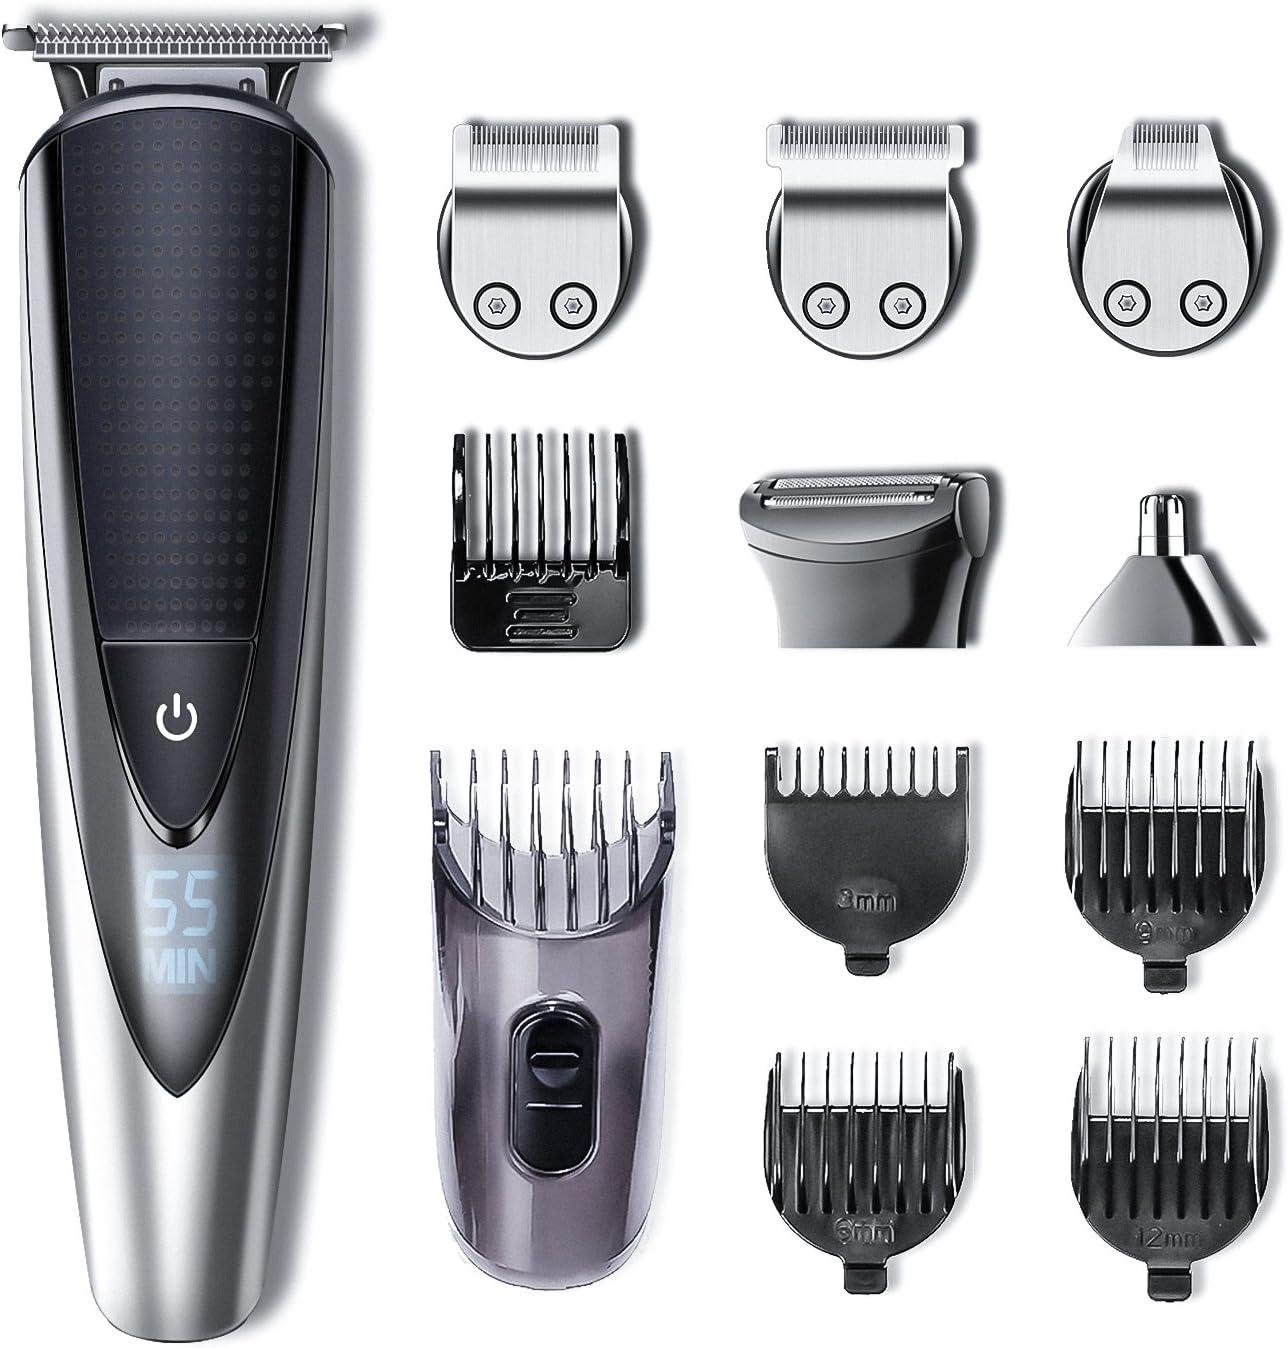 Hatteker Barbero Electrico Recortador de Barba y Precisión Afeitadora Corporal para Hombres Profesional Cortapelos Narizy Orejas Máquina de Afeitar Impermeable Inalámbrica Recarga